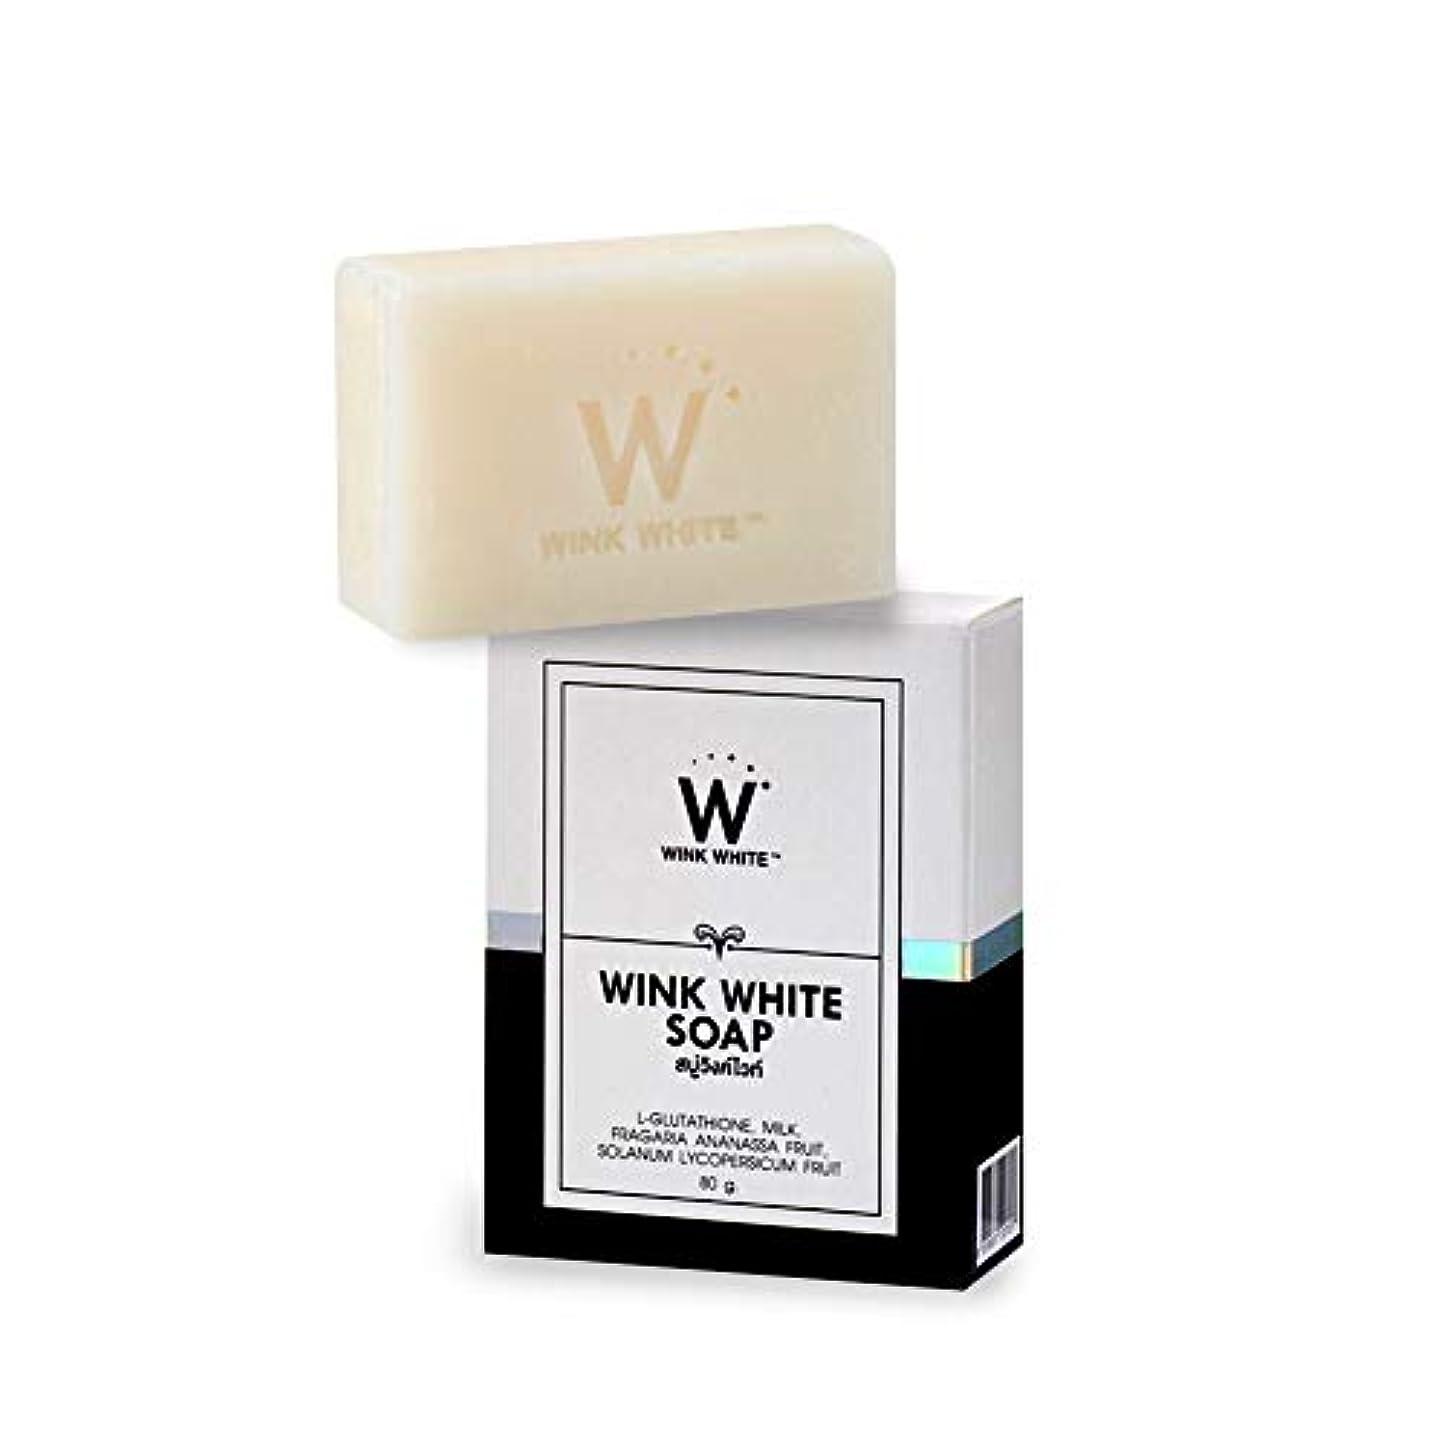 拡大する条約思い出させるMangos Teen White Soap Base Wink White Soap Gluta Pure Skin Body Whitening Strawberry for Whitening Skin All Natural...